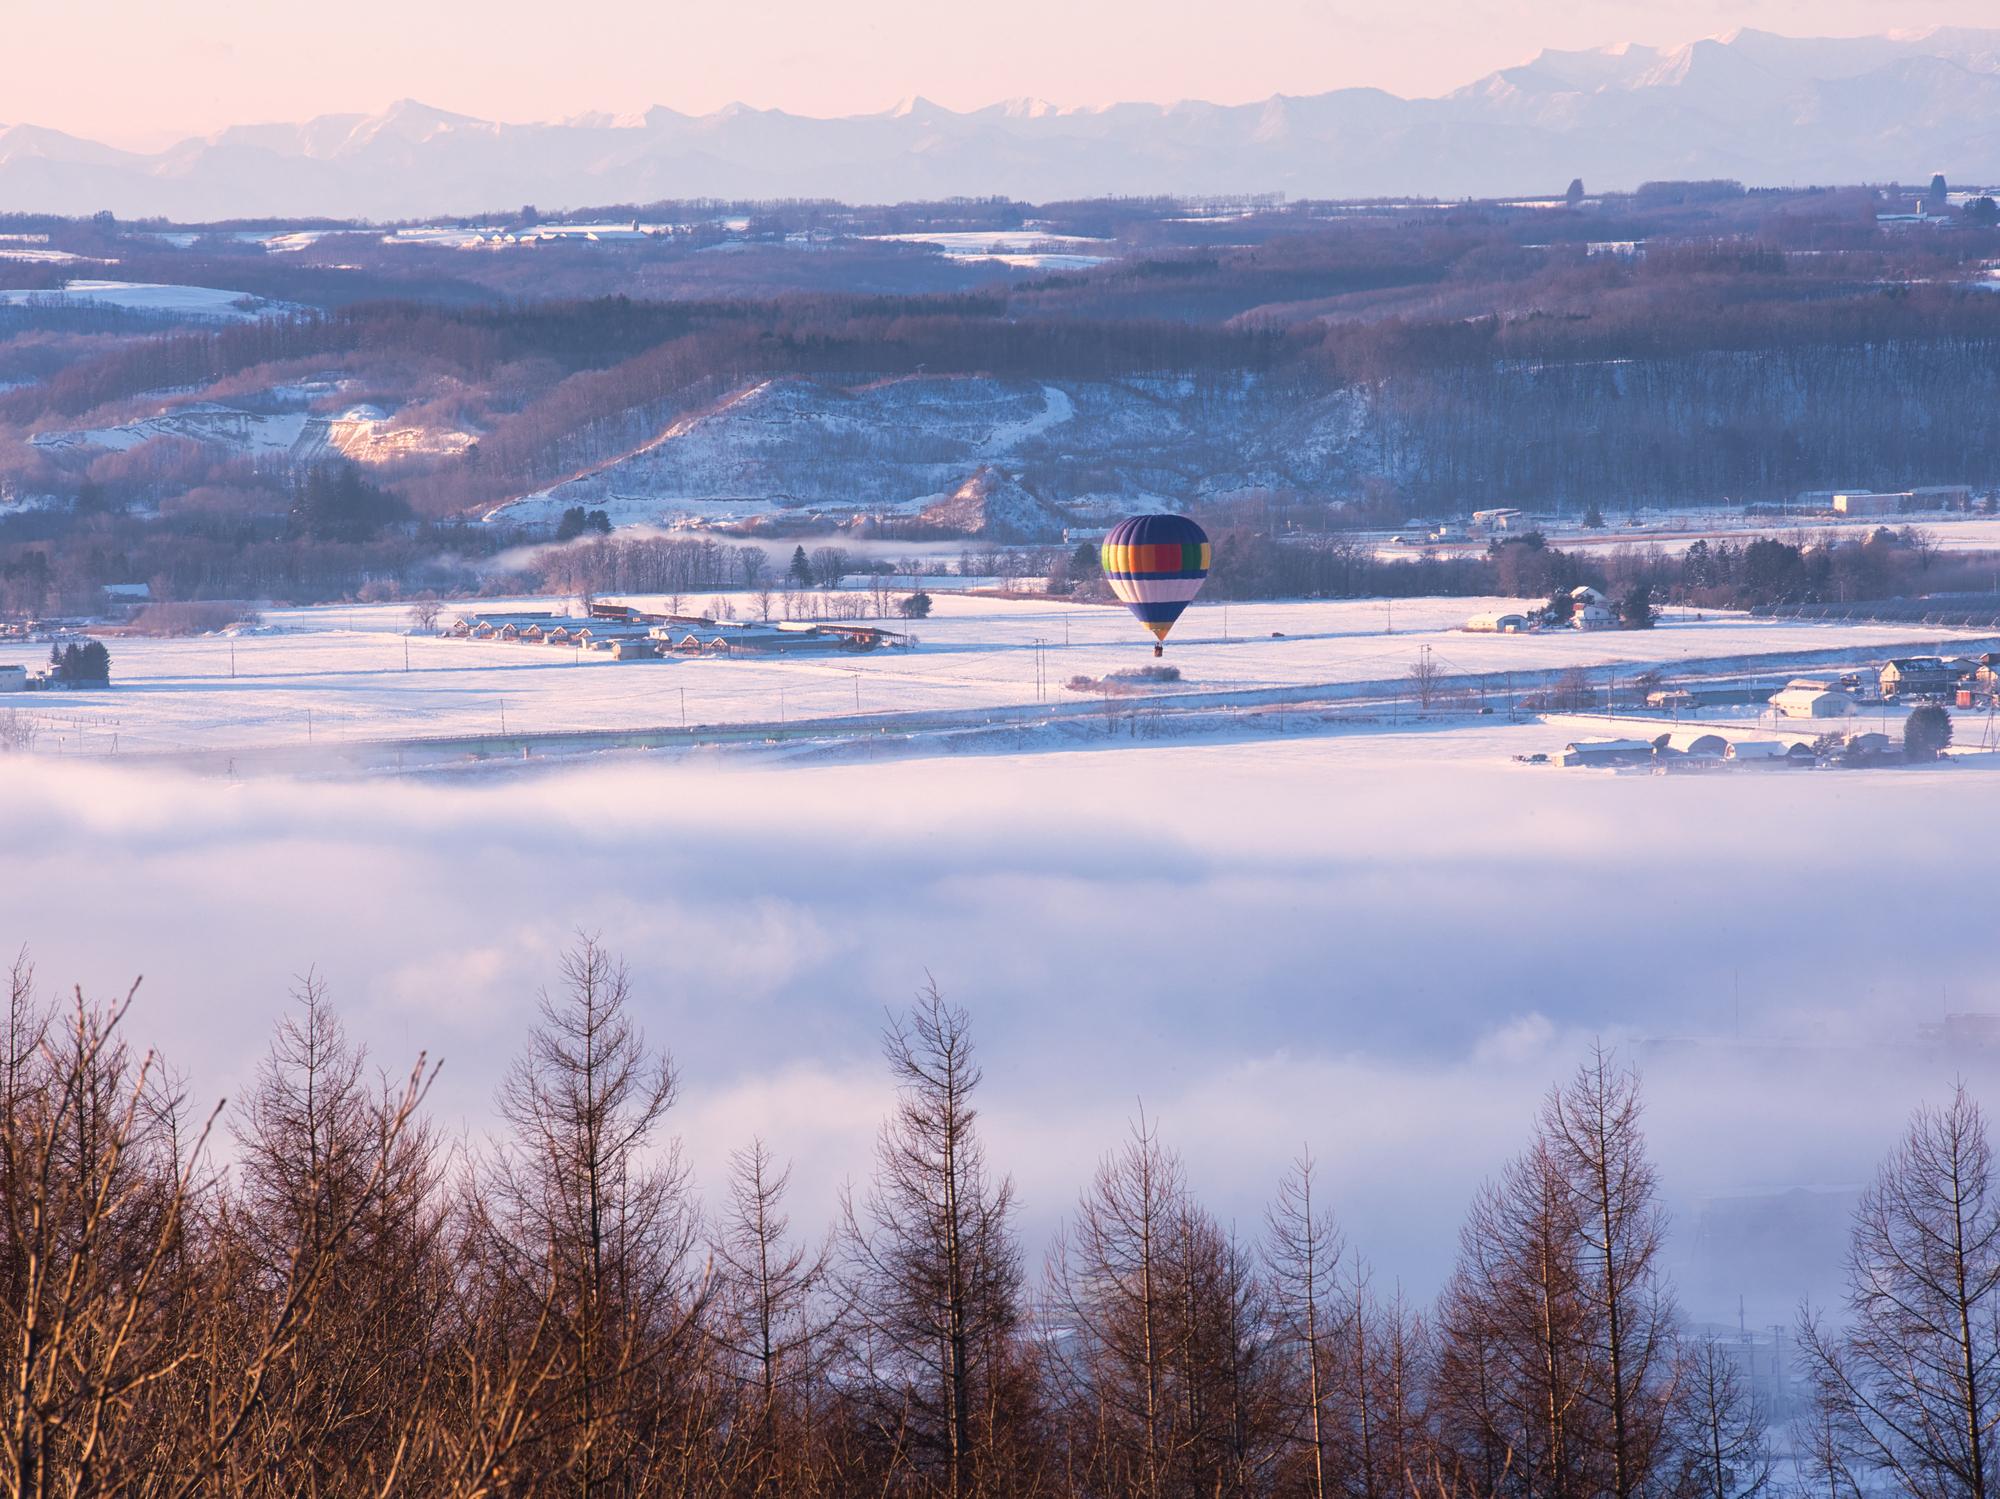 十勝川沿いを飛ぶ気球